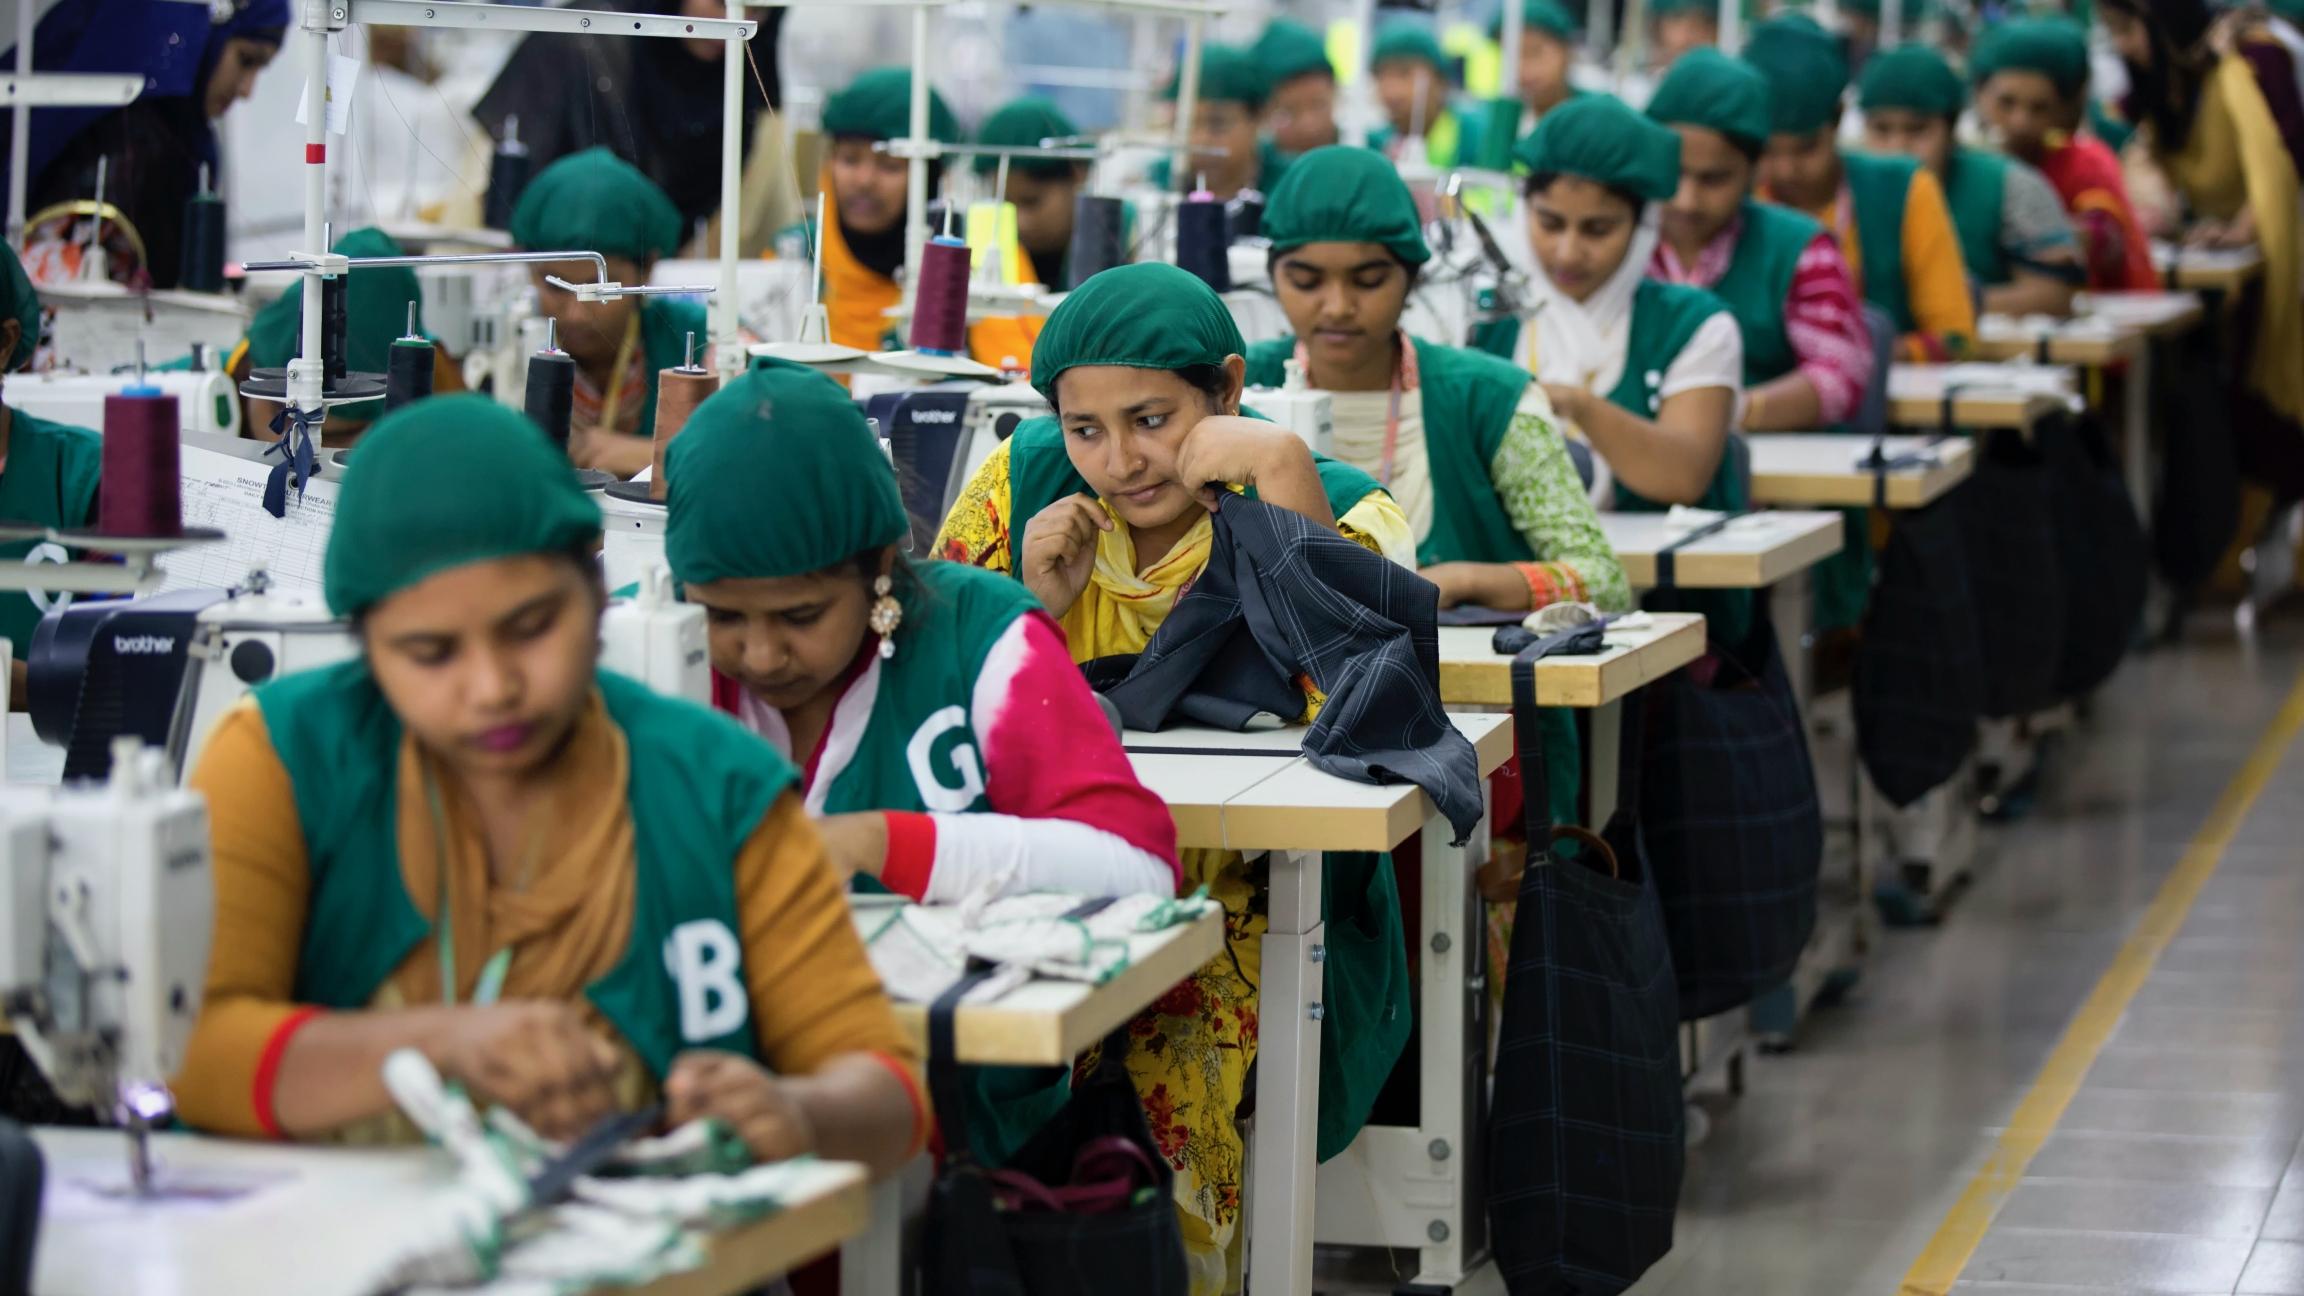 Trainees work at Snowtex garment factory in Dhamrai, near Dhaka, Bangladesh